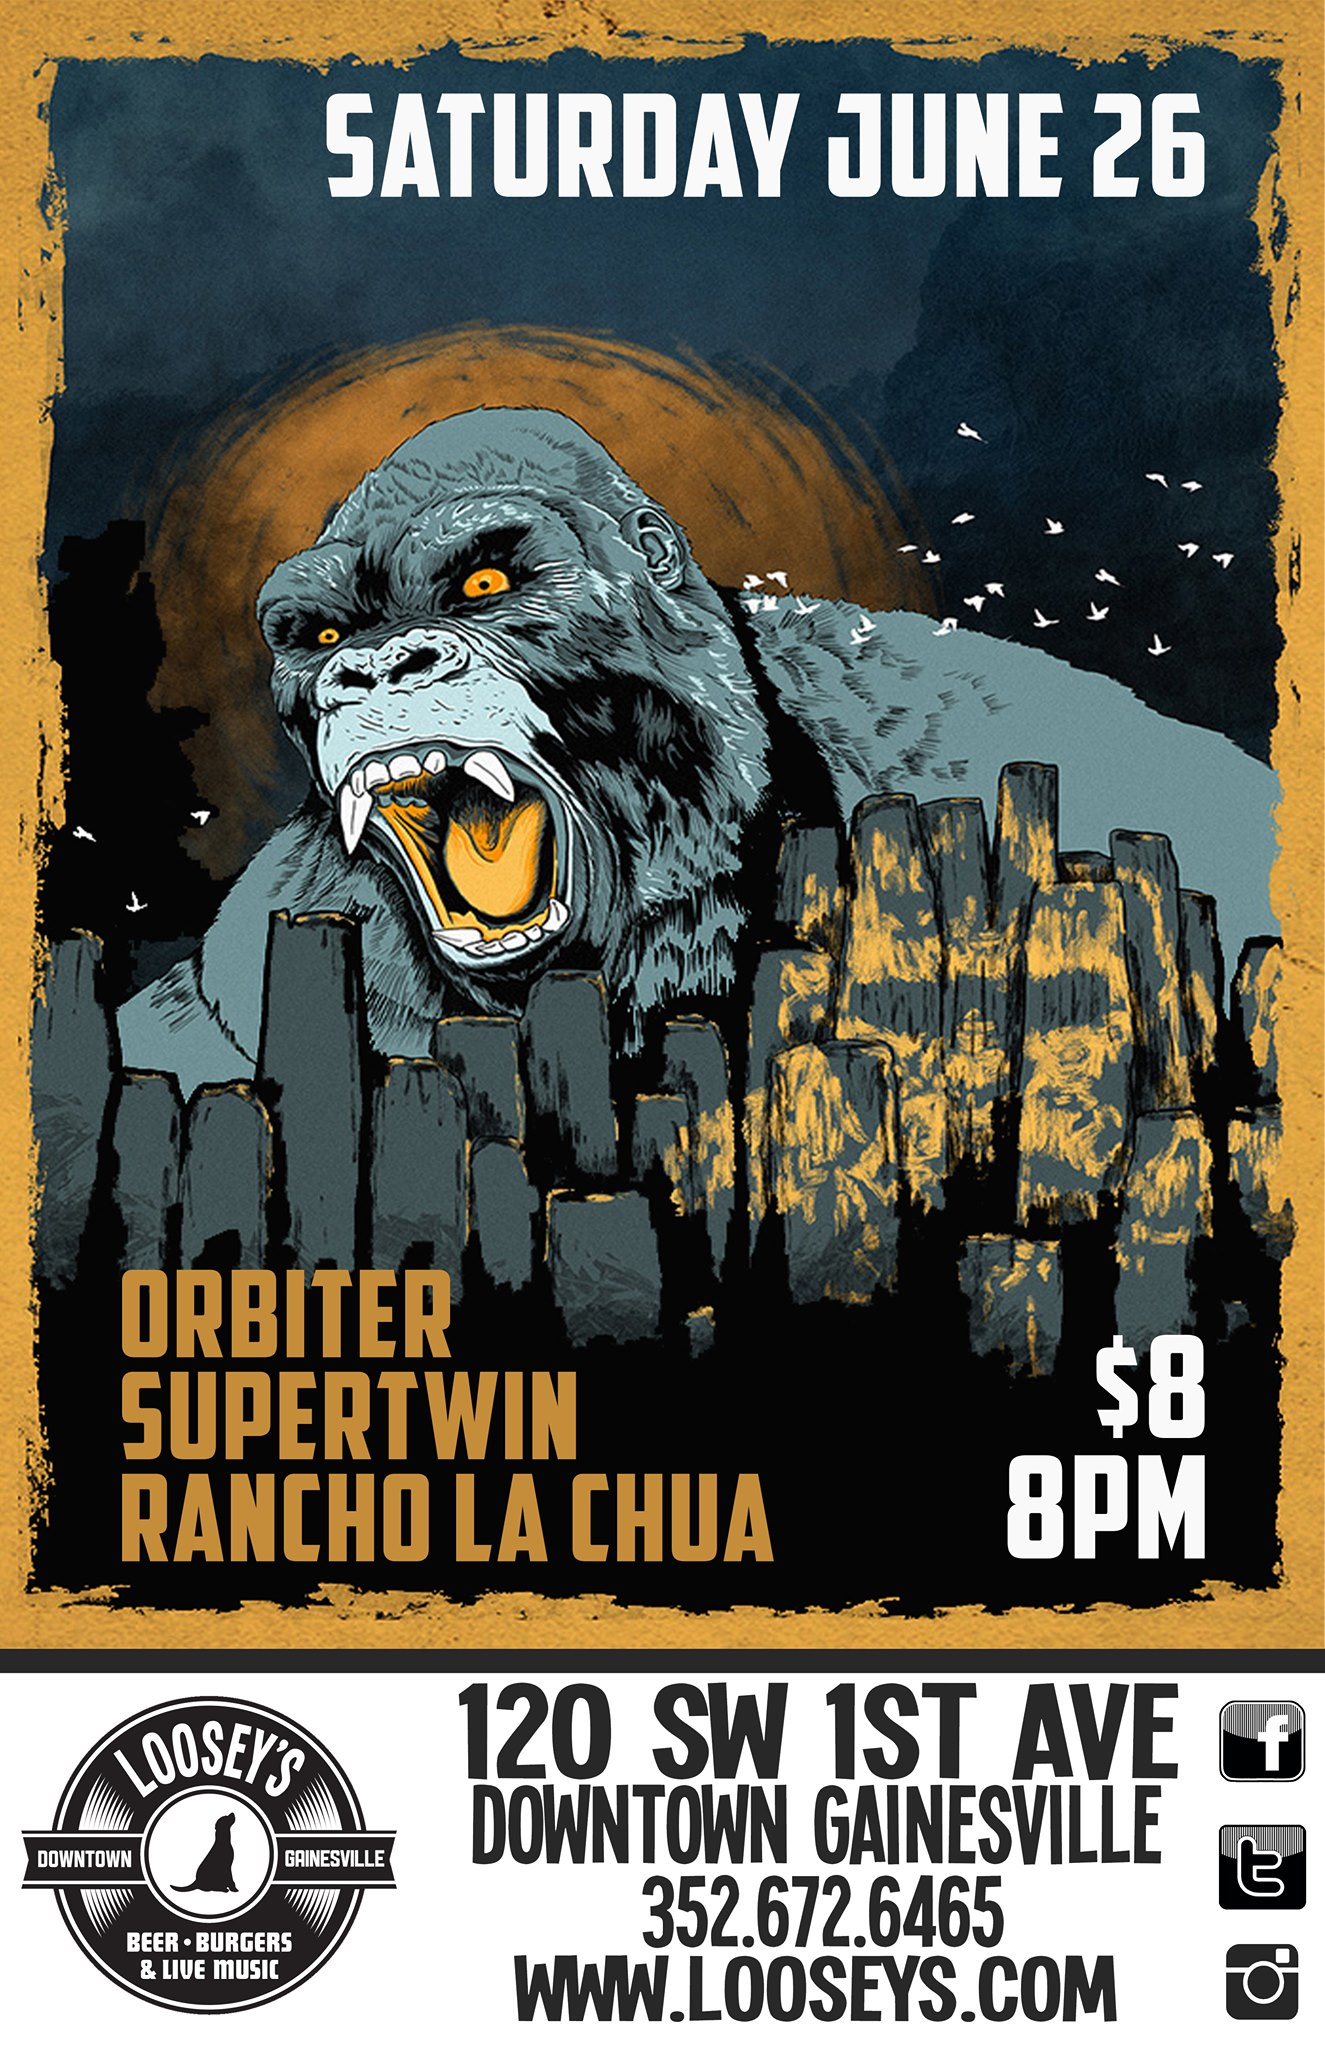 June 26, 2021 Supertwin, Orbiter, and Rancho La Chua Show Poster